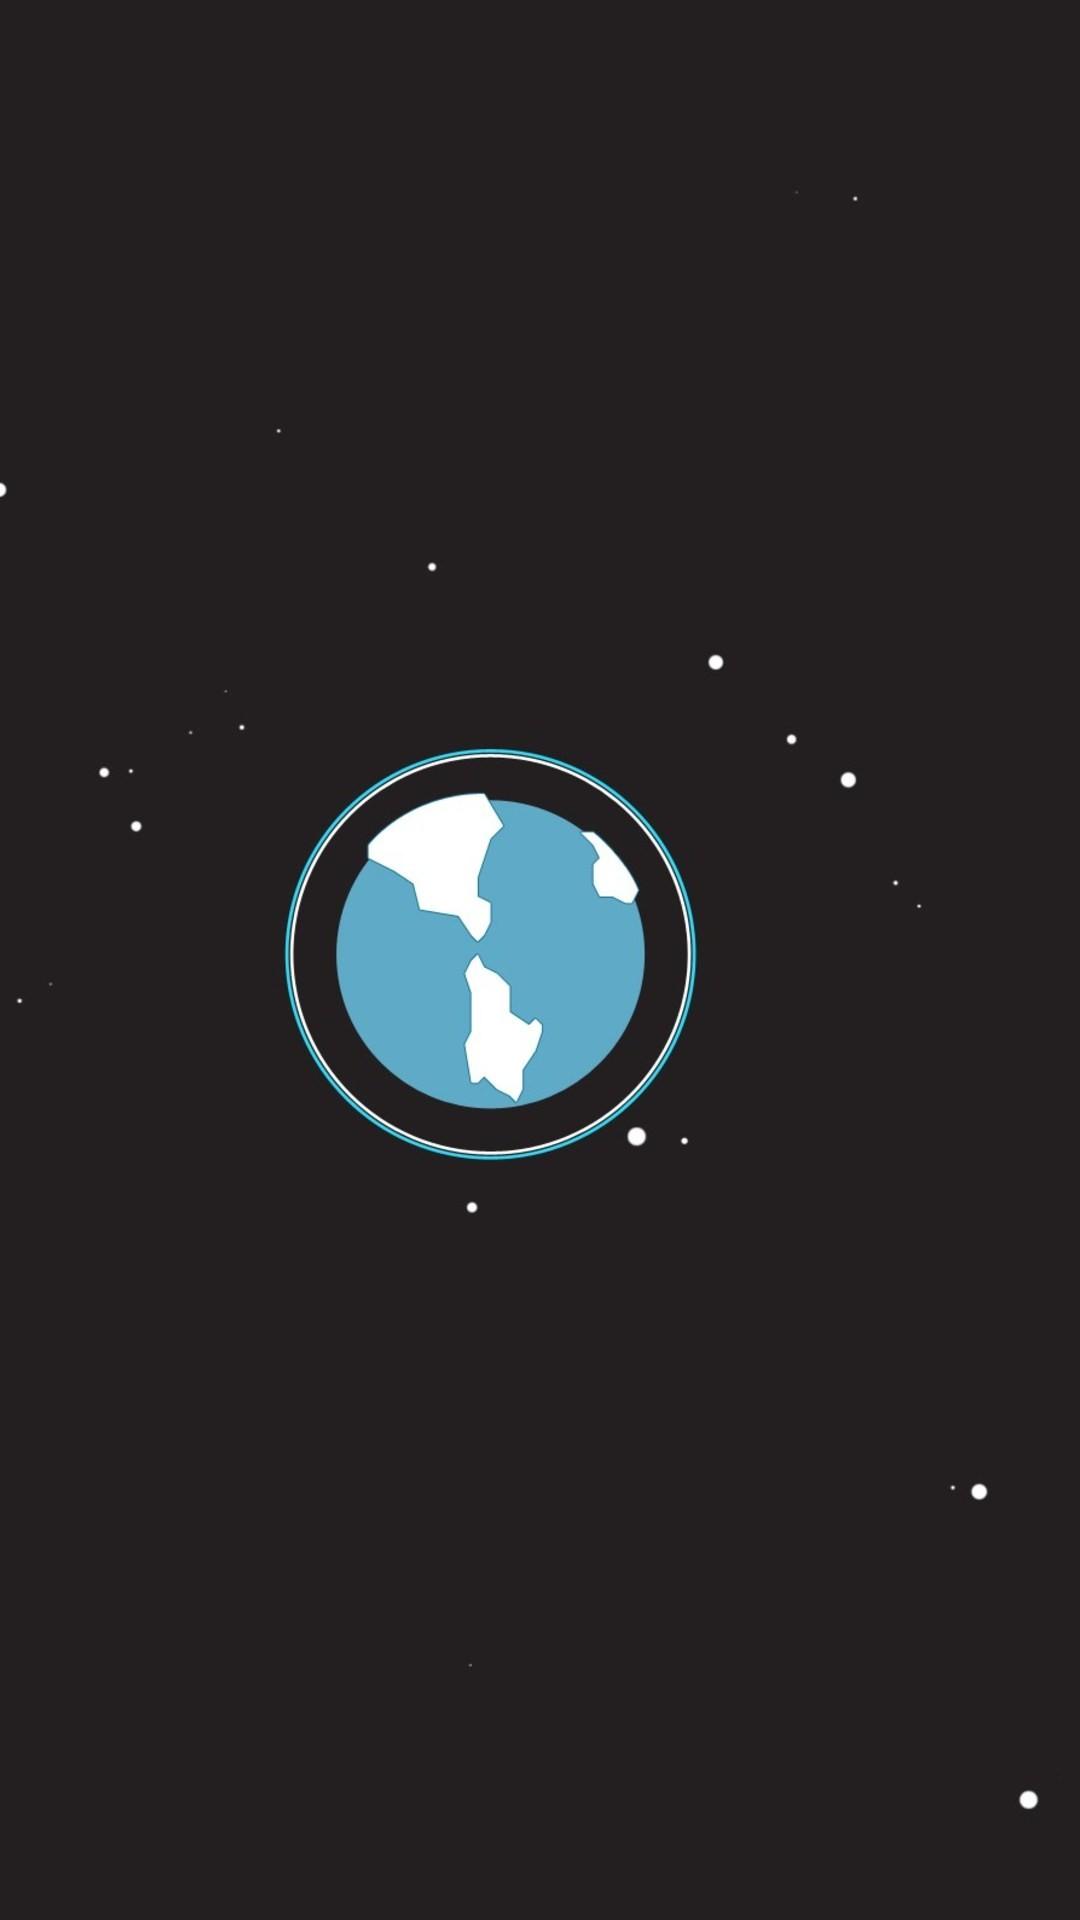 Space Minimalism Wallpaper - [1080x1920]